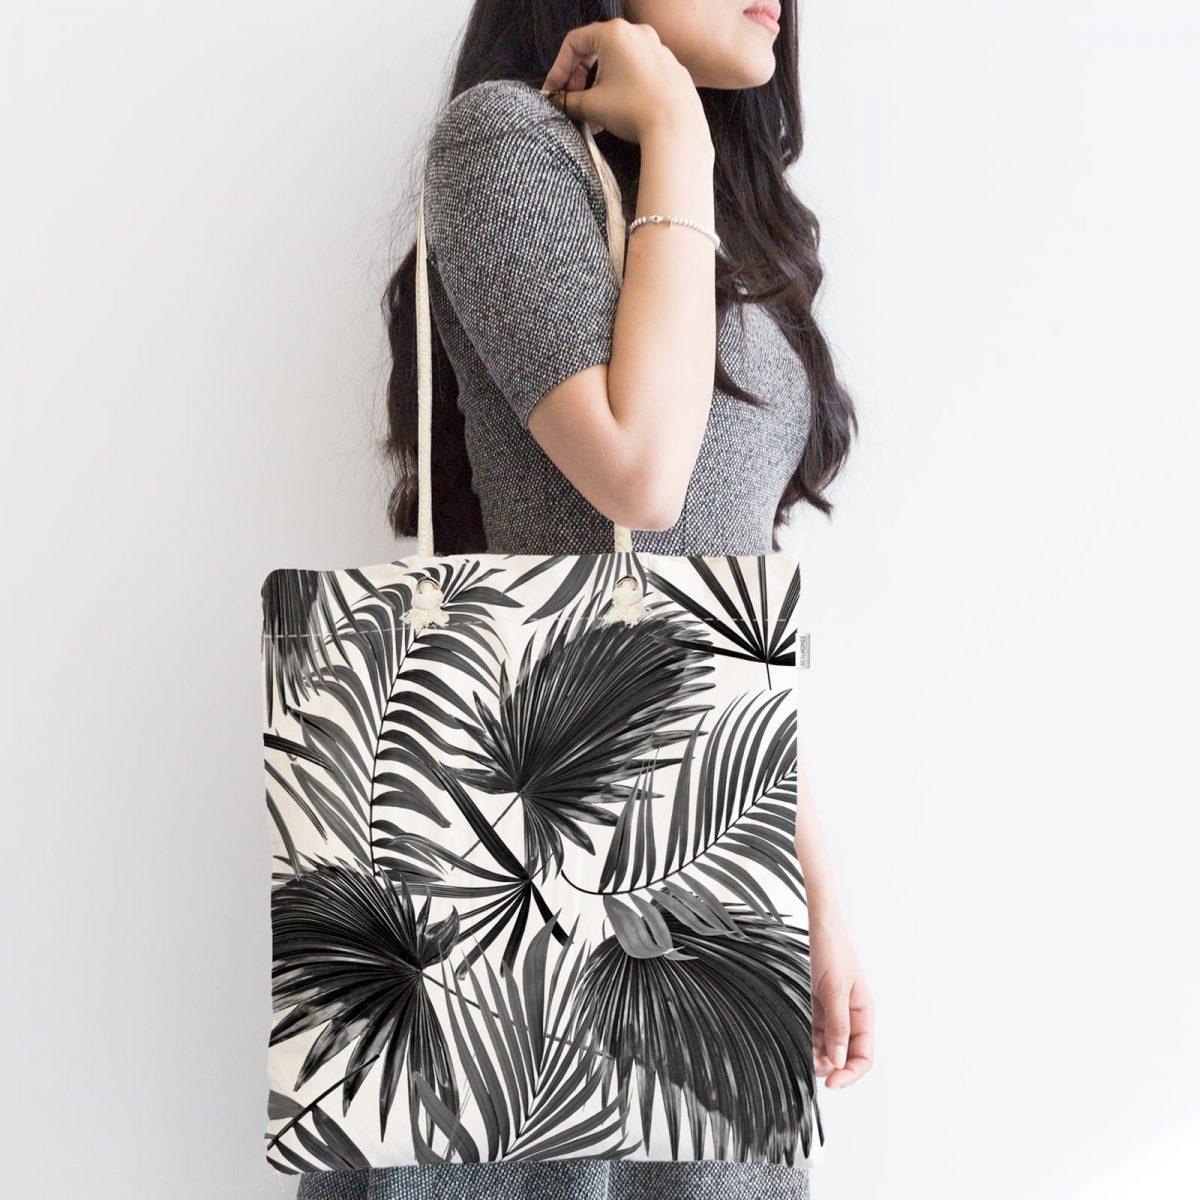 Siyah Beyaz Yapraklar Dijital Baskılı Fermuarlı Modern Kumaş Çanta Realhomes